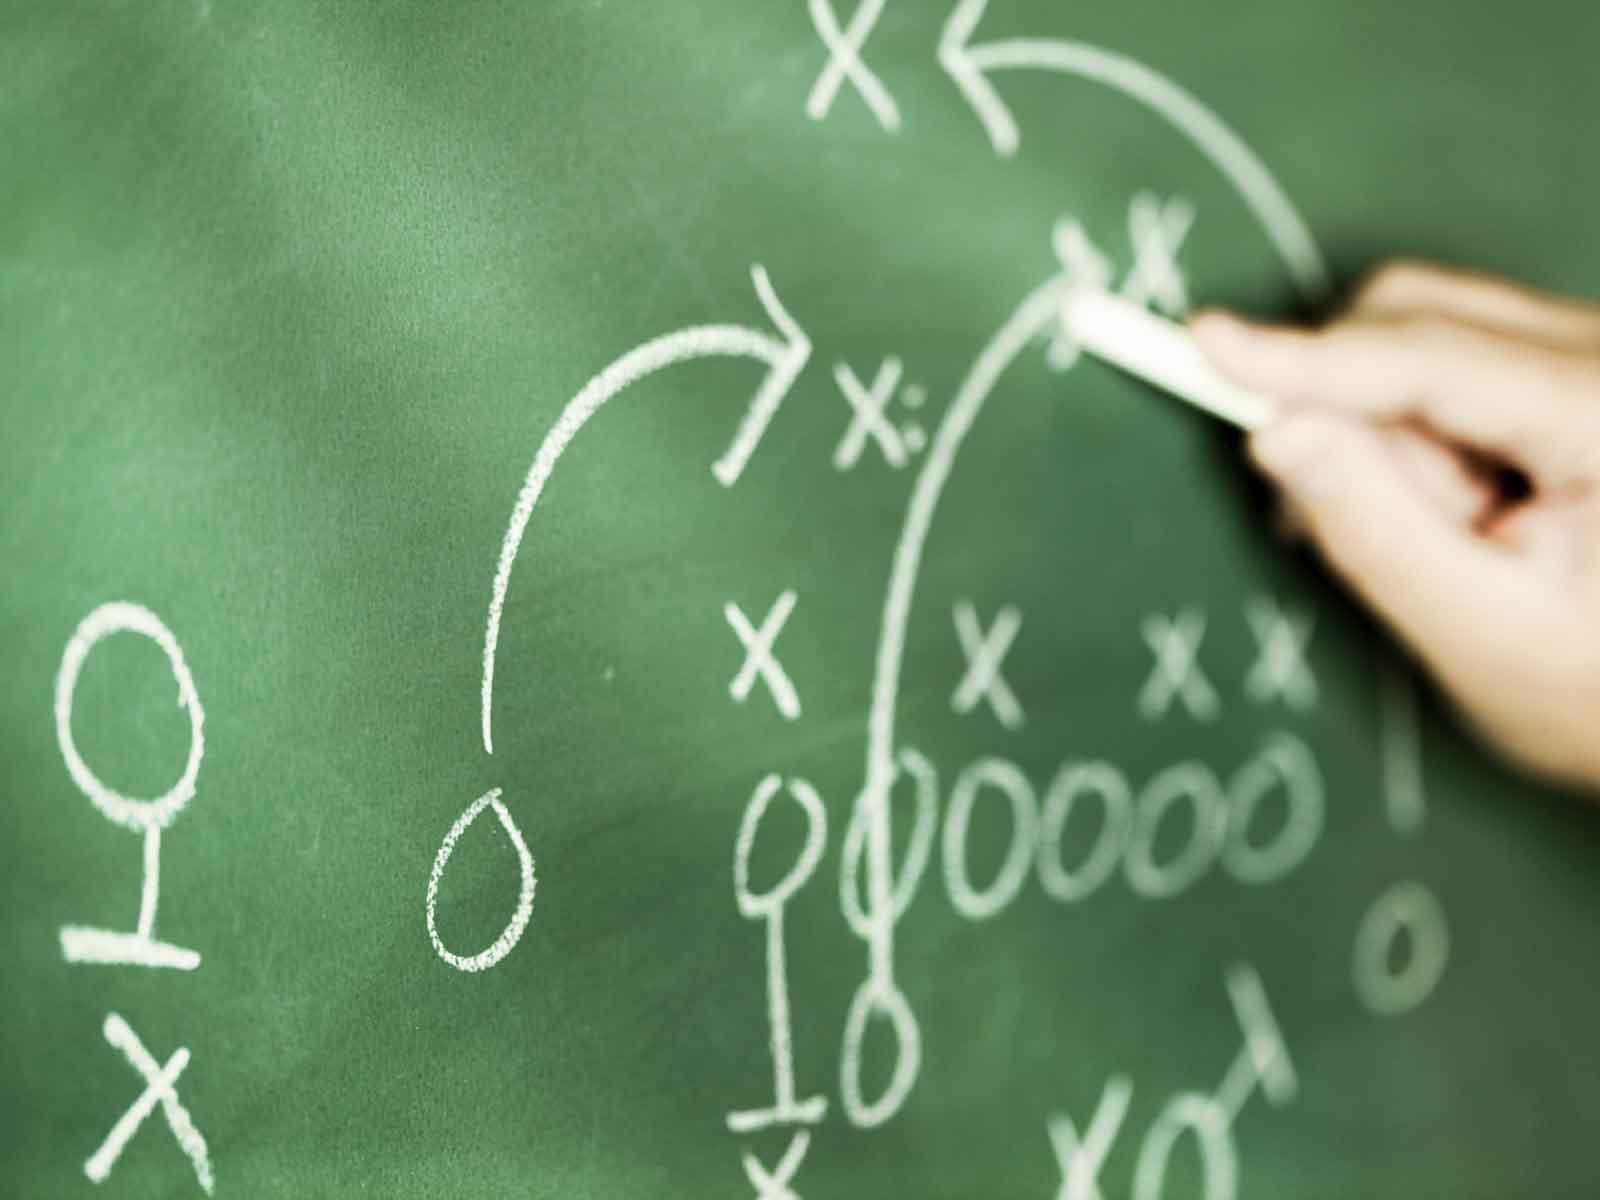 Avete mai visto il playbook di una squadra NFL?